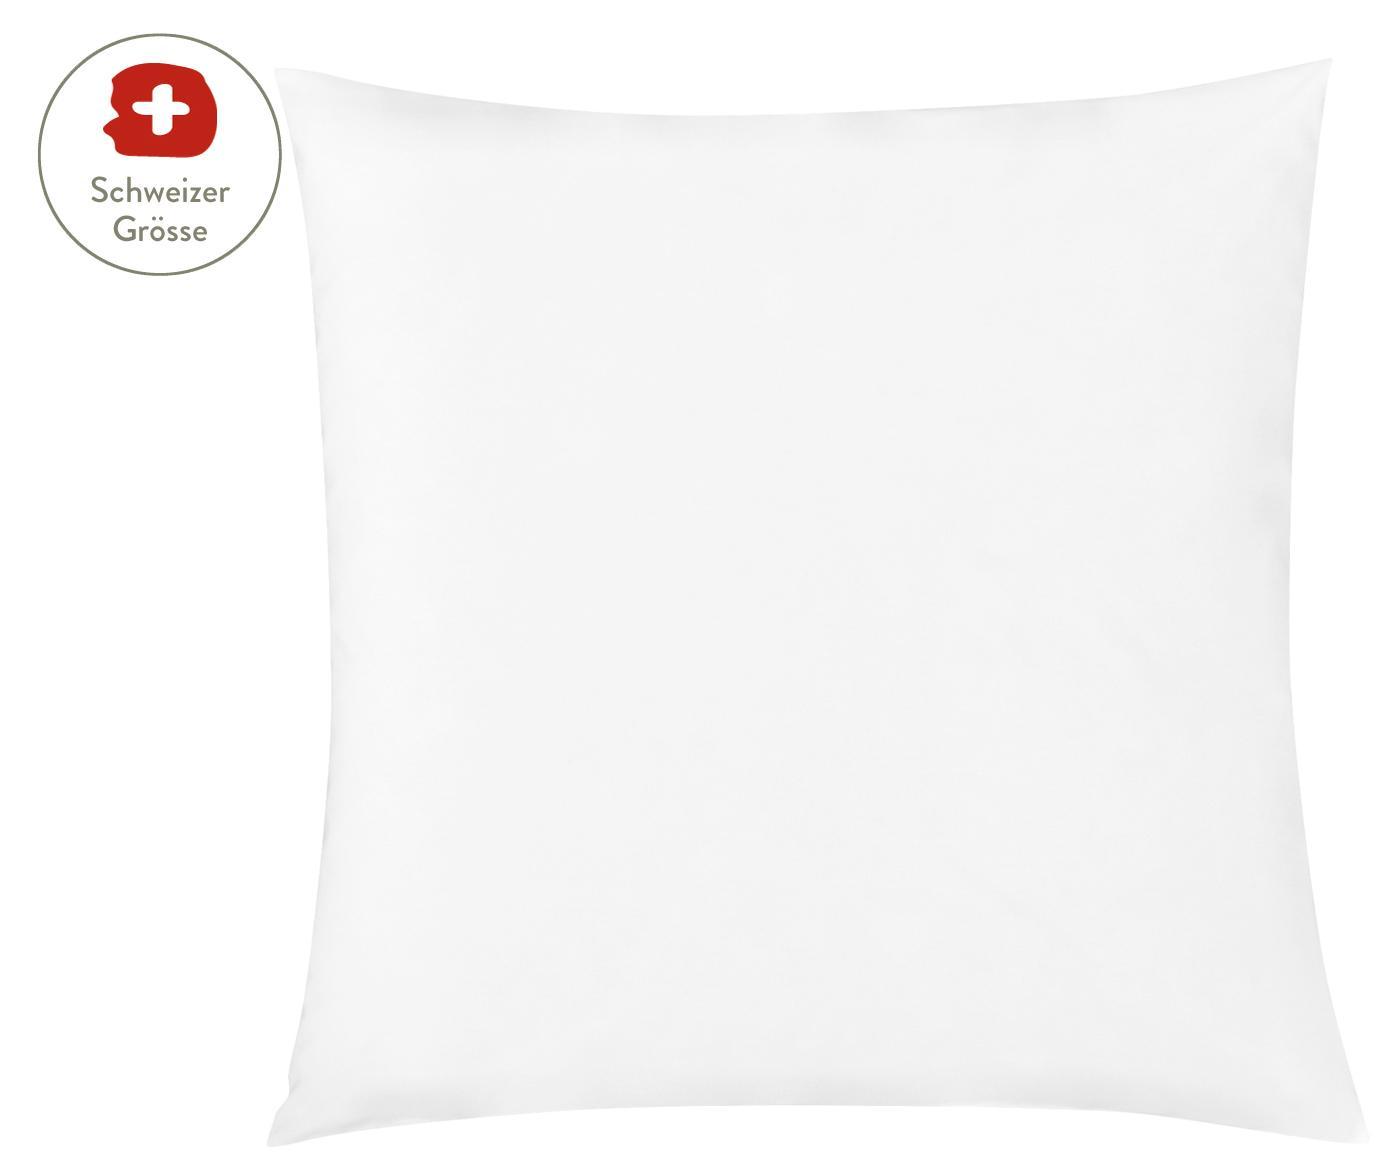 Baumwollperkal-Kissenbezug Elsie in Weiss, Webart: Perkal Fadendichte 200 TC, Weiss, 65 x 65 cm